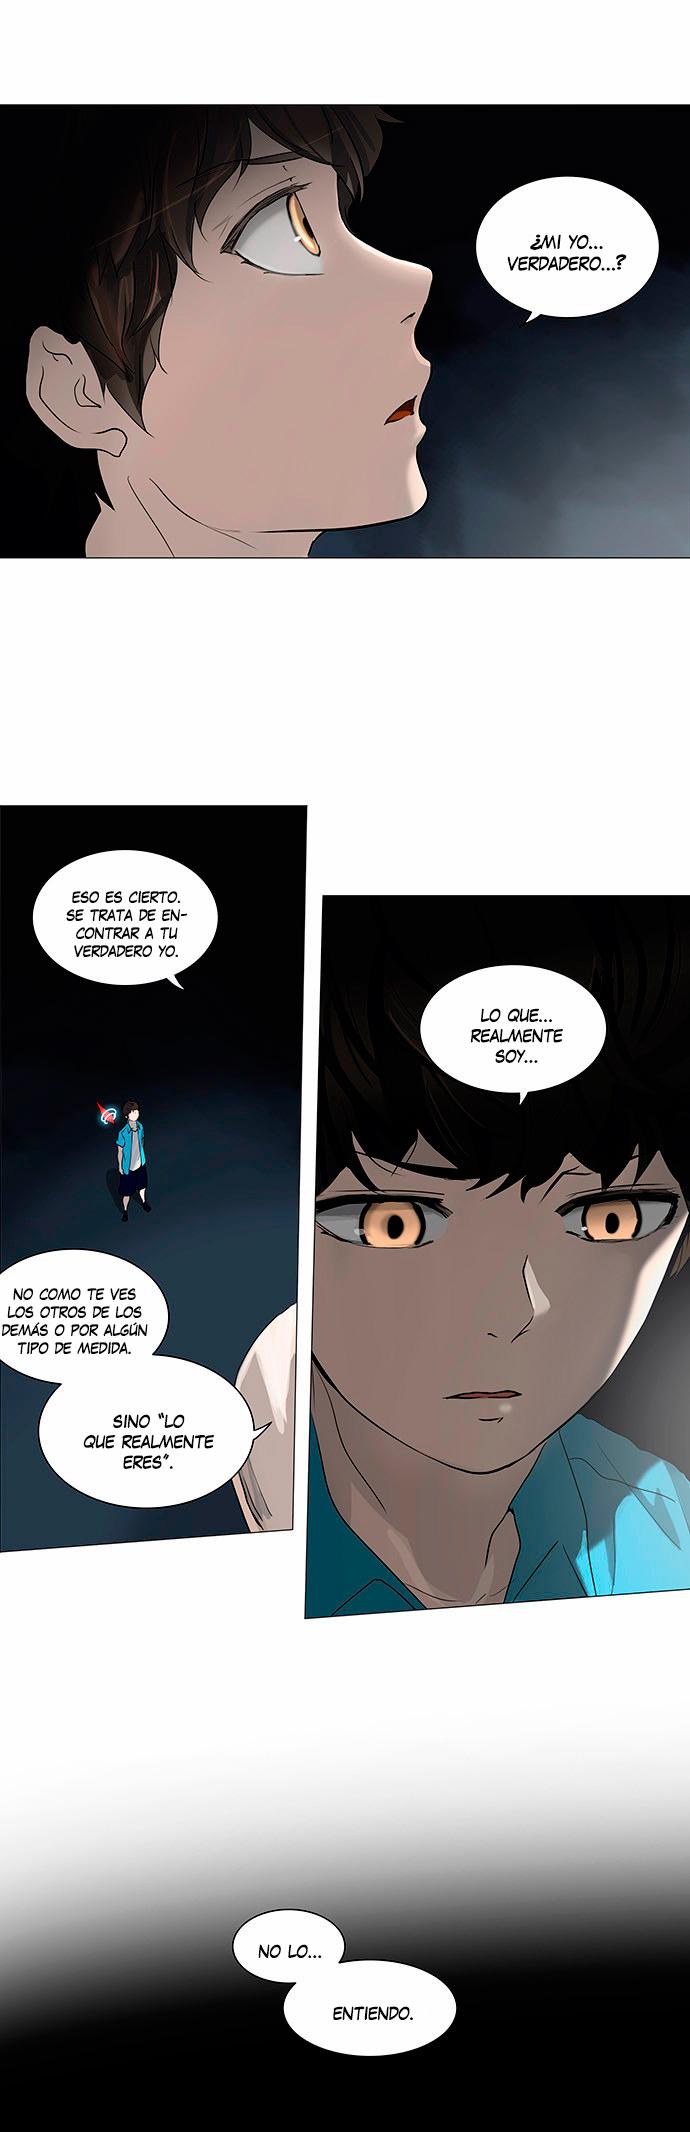 http://c5.ninemanga.com/es_manga/21/149/418481/e6dad0d5e6efdb6f79c443dcb3002ad0.jpg Page 2